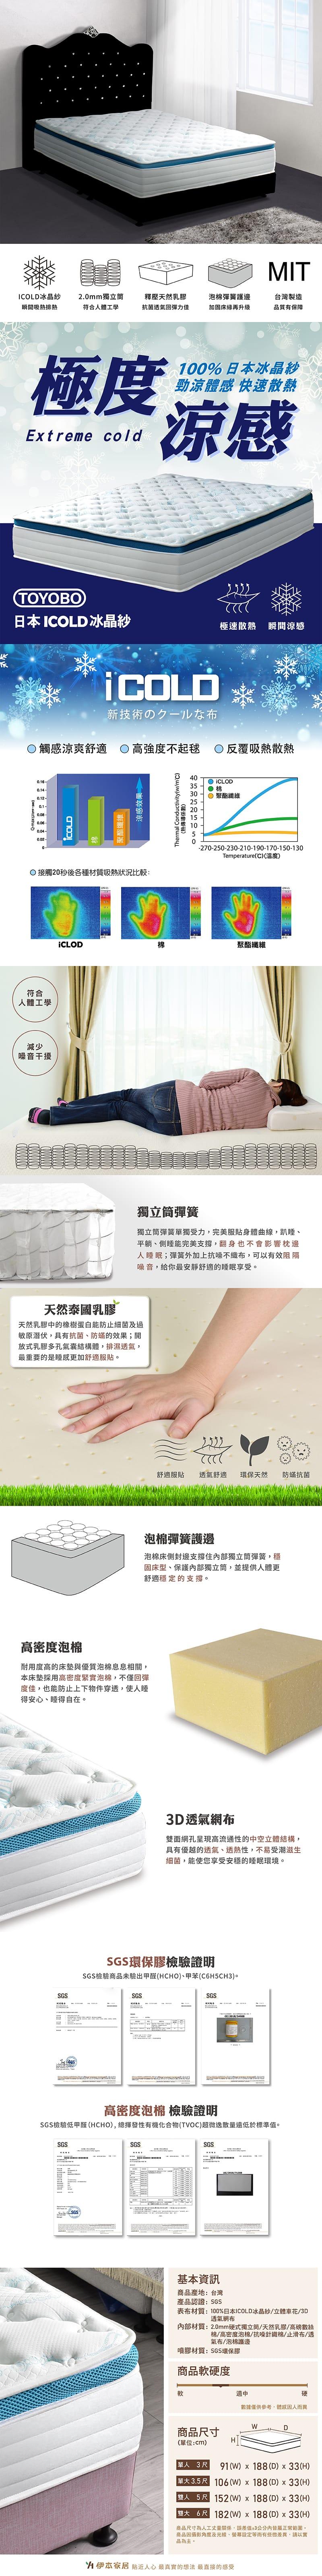 冰晶紗涼感乳膠獨立筒床墊 單人3尺(尊榮系列)